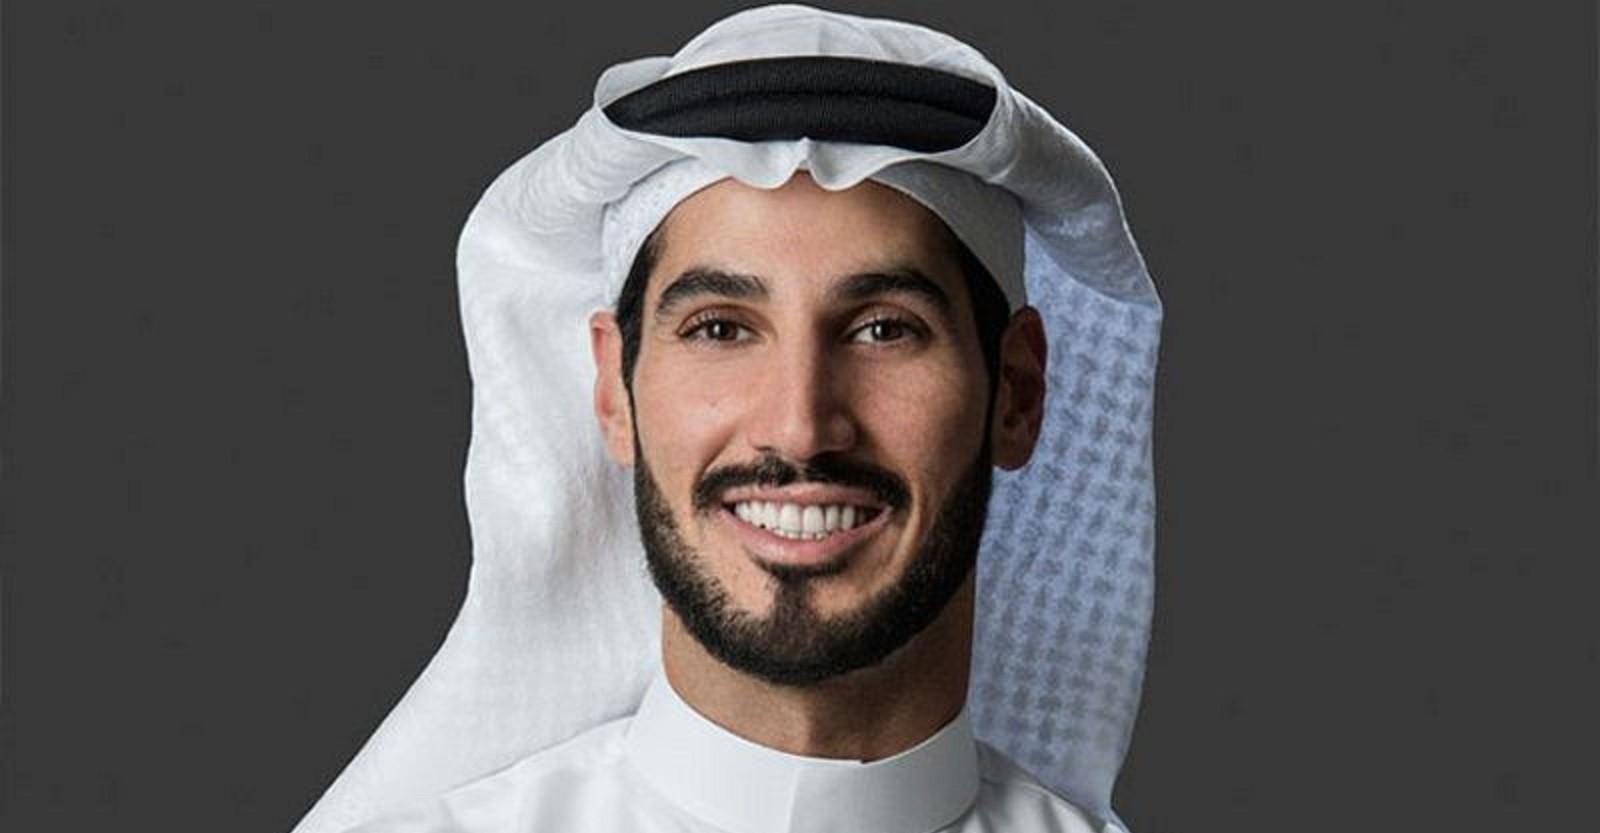 حسن جميل من أشهر رجال الأعمال في السعودية.. واعد ناعومي كامبل وهل حملت منه ريهانا؟